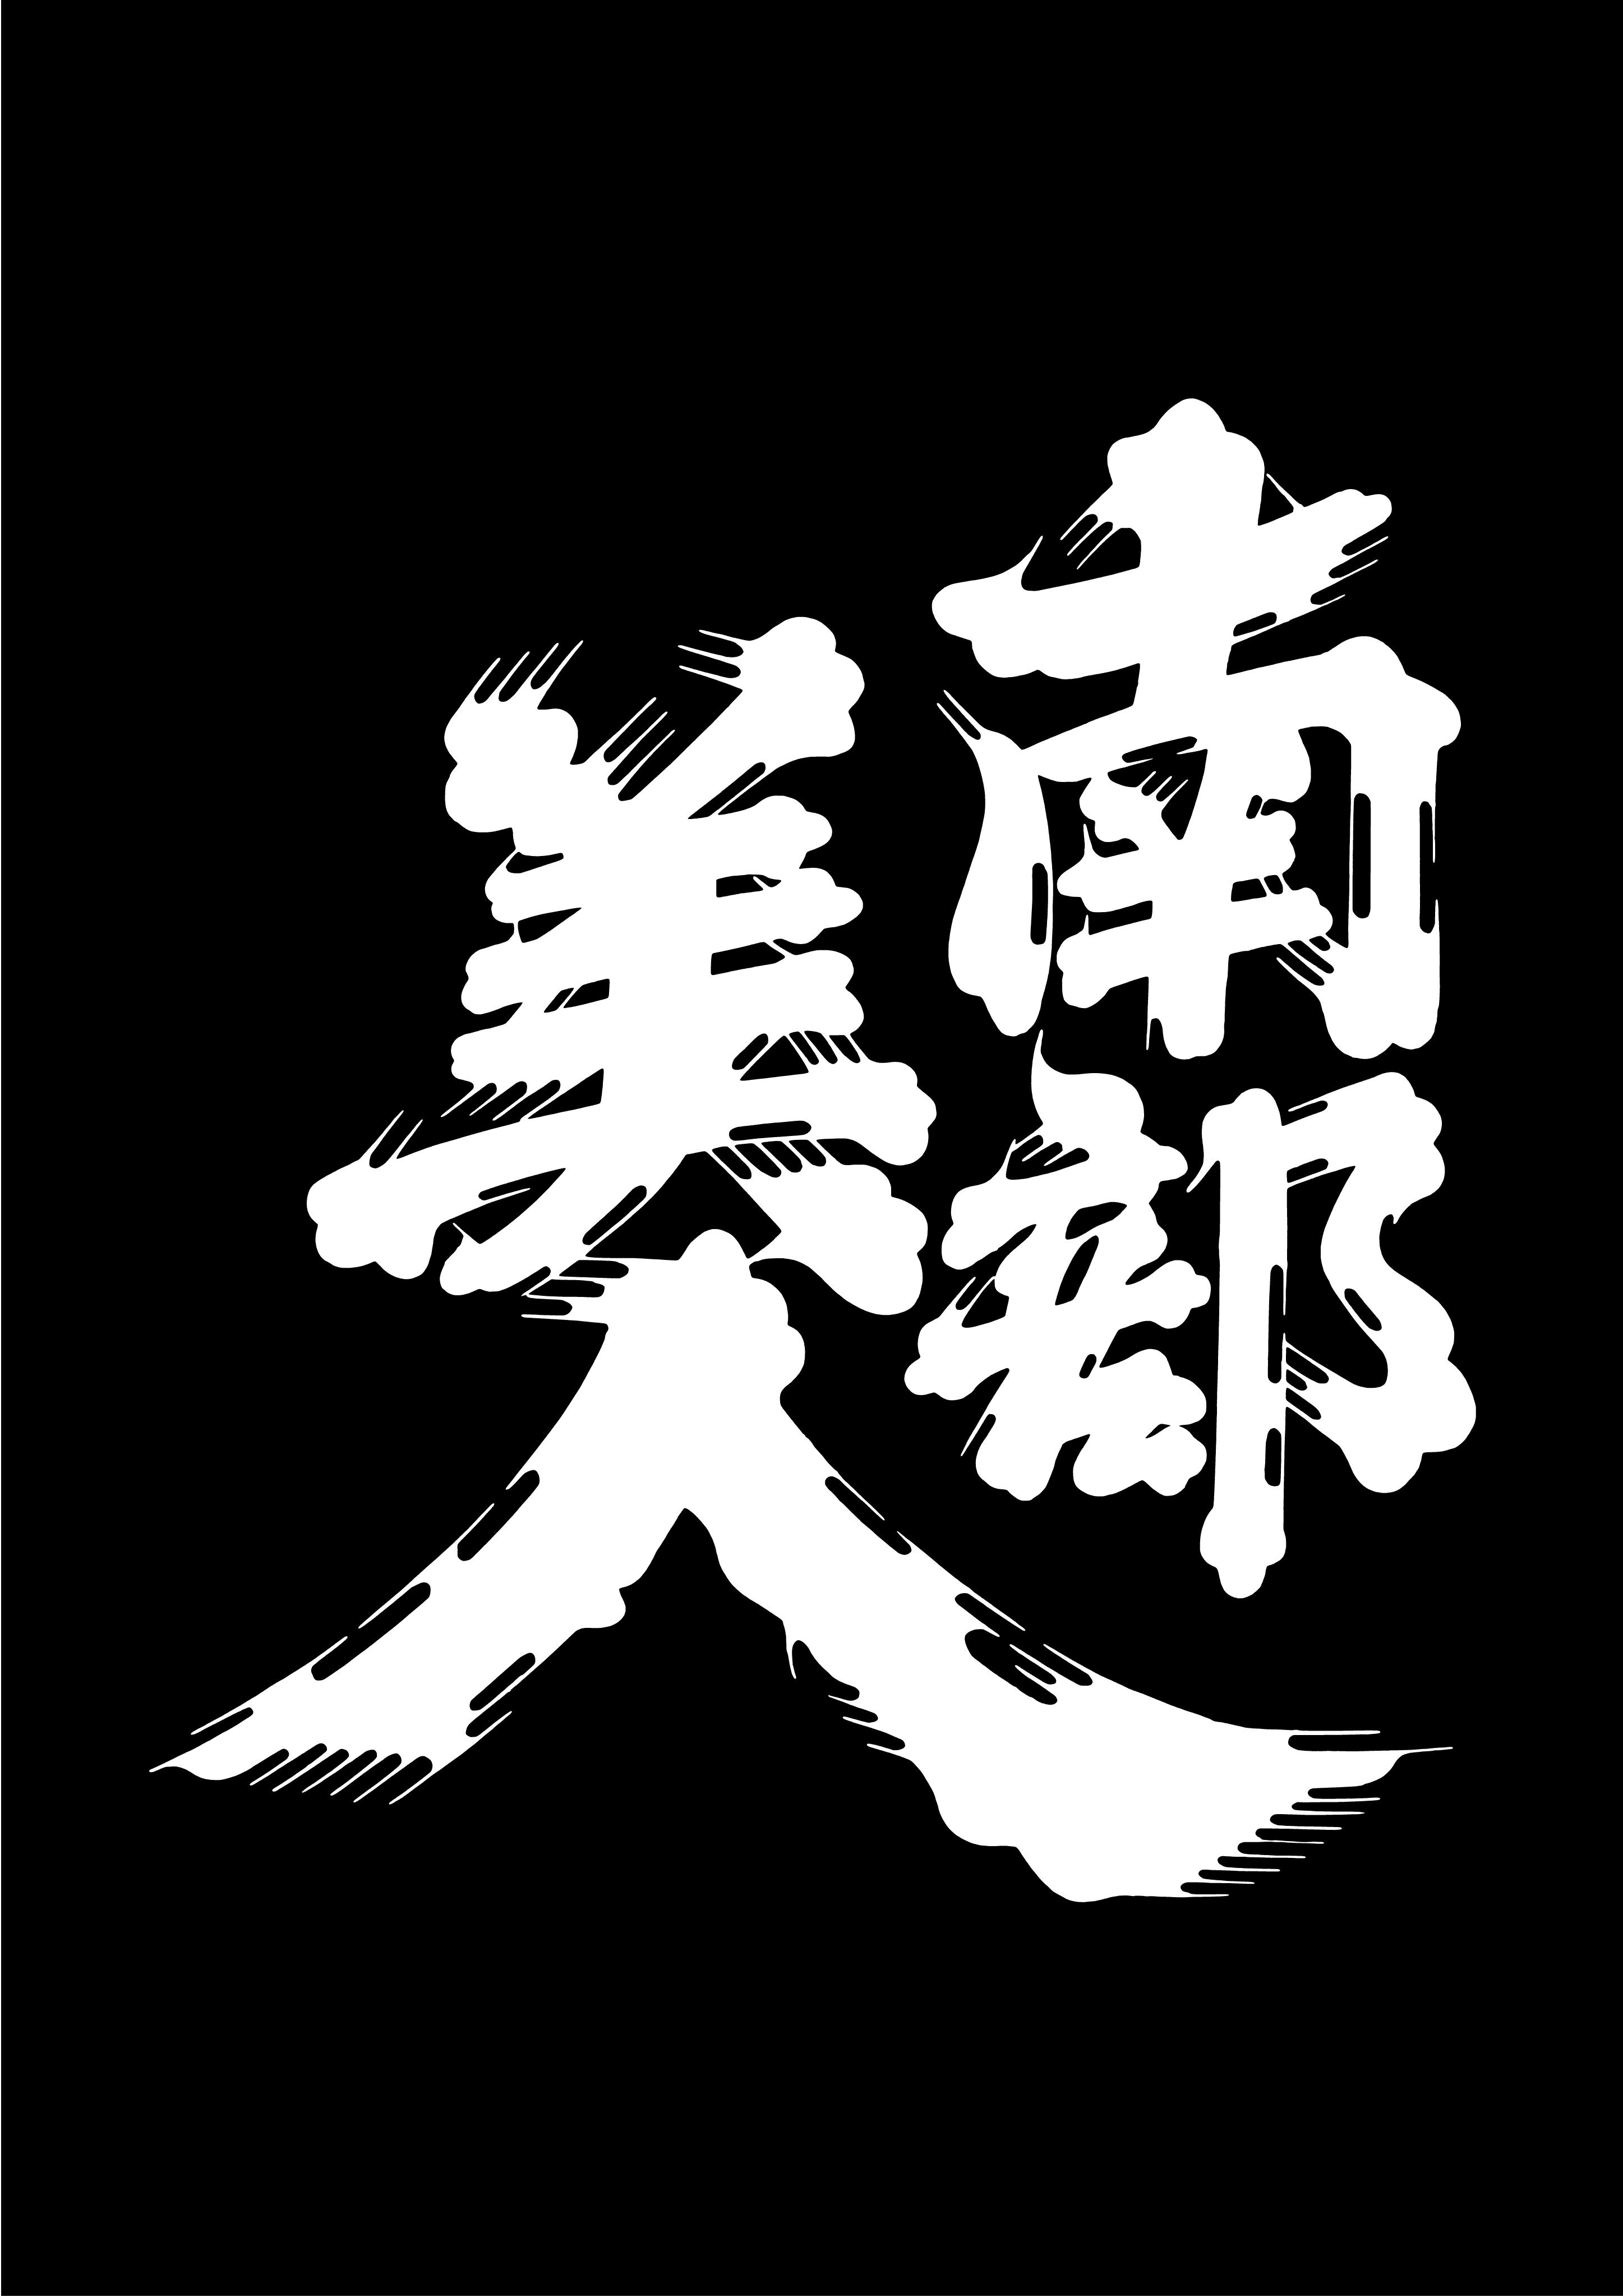 蔵元だより    2016年01月06日南部美人ロゴ[黒背景・白文字]岩手の日本酒 南部美人